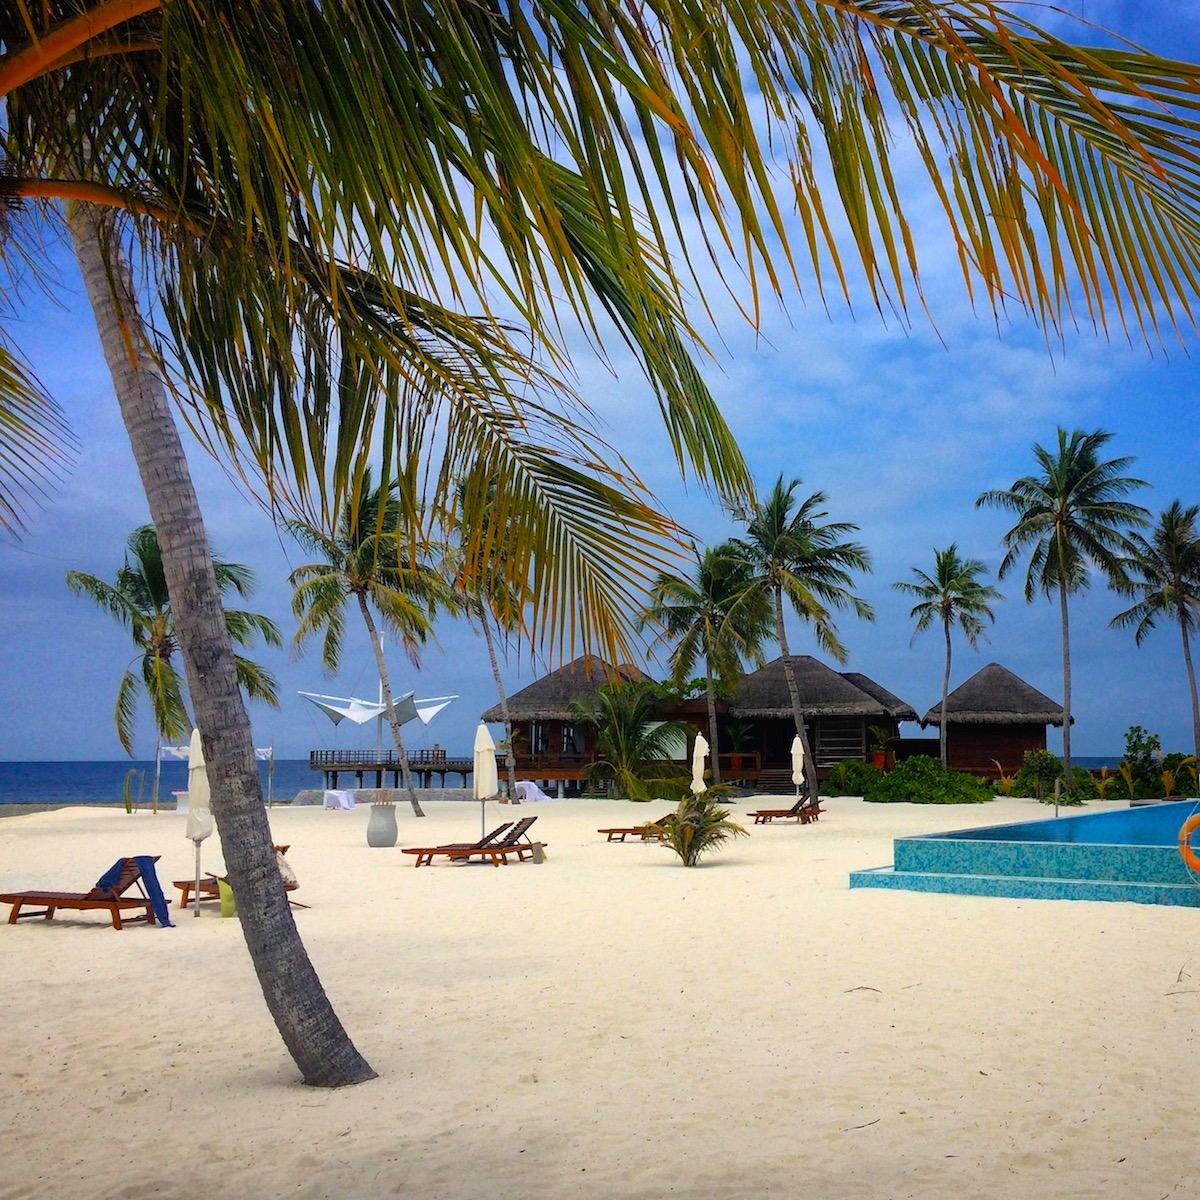 Maafushivaru_maldives_WHUDAT_05a